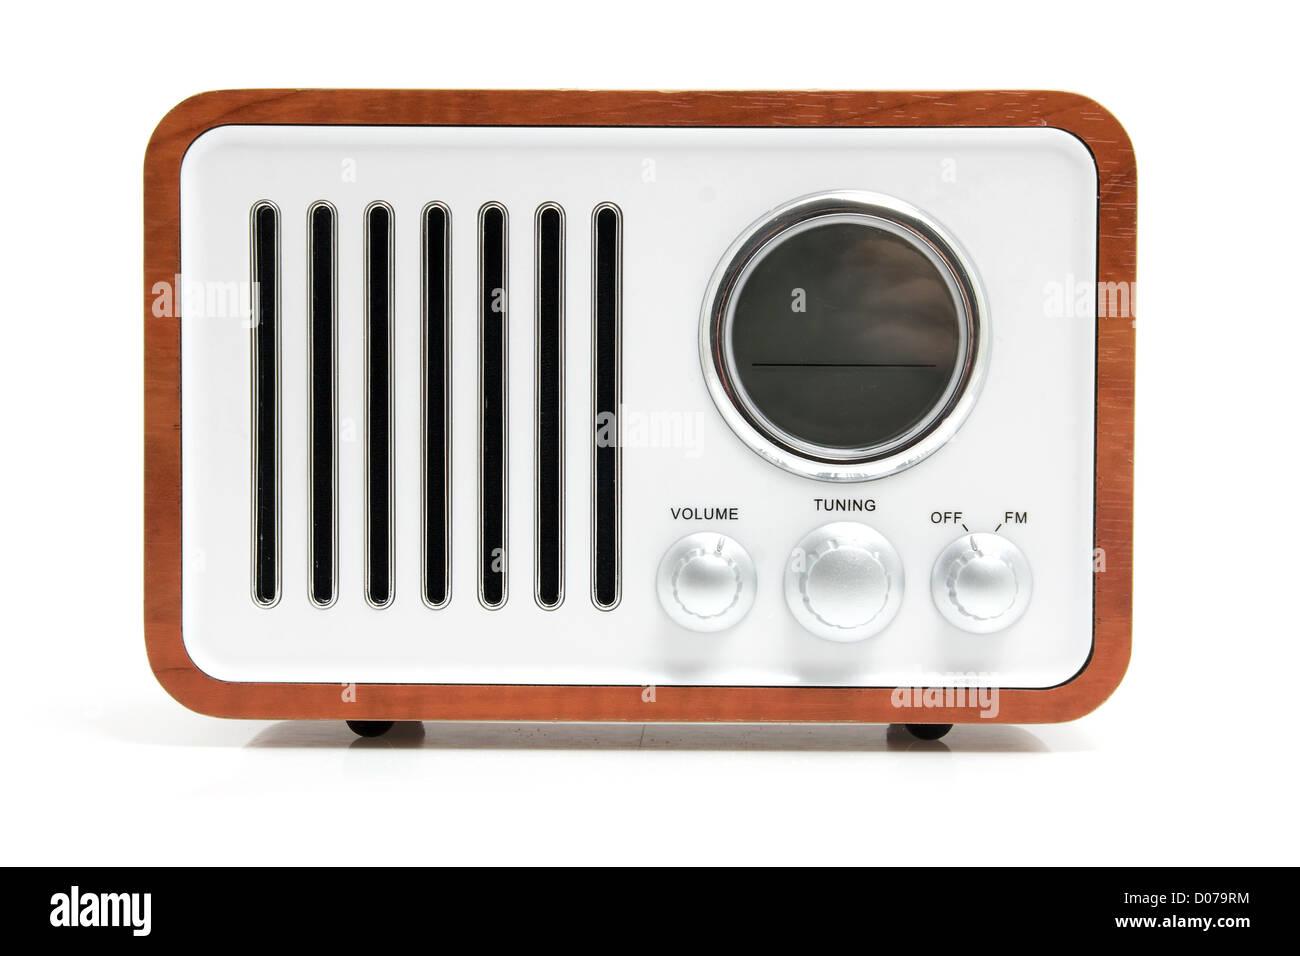 Old fashioned radio isolated on white background Stock Photo